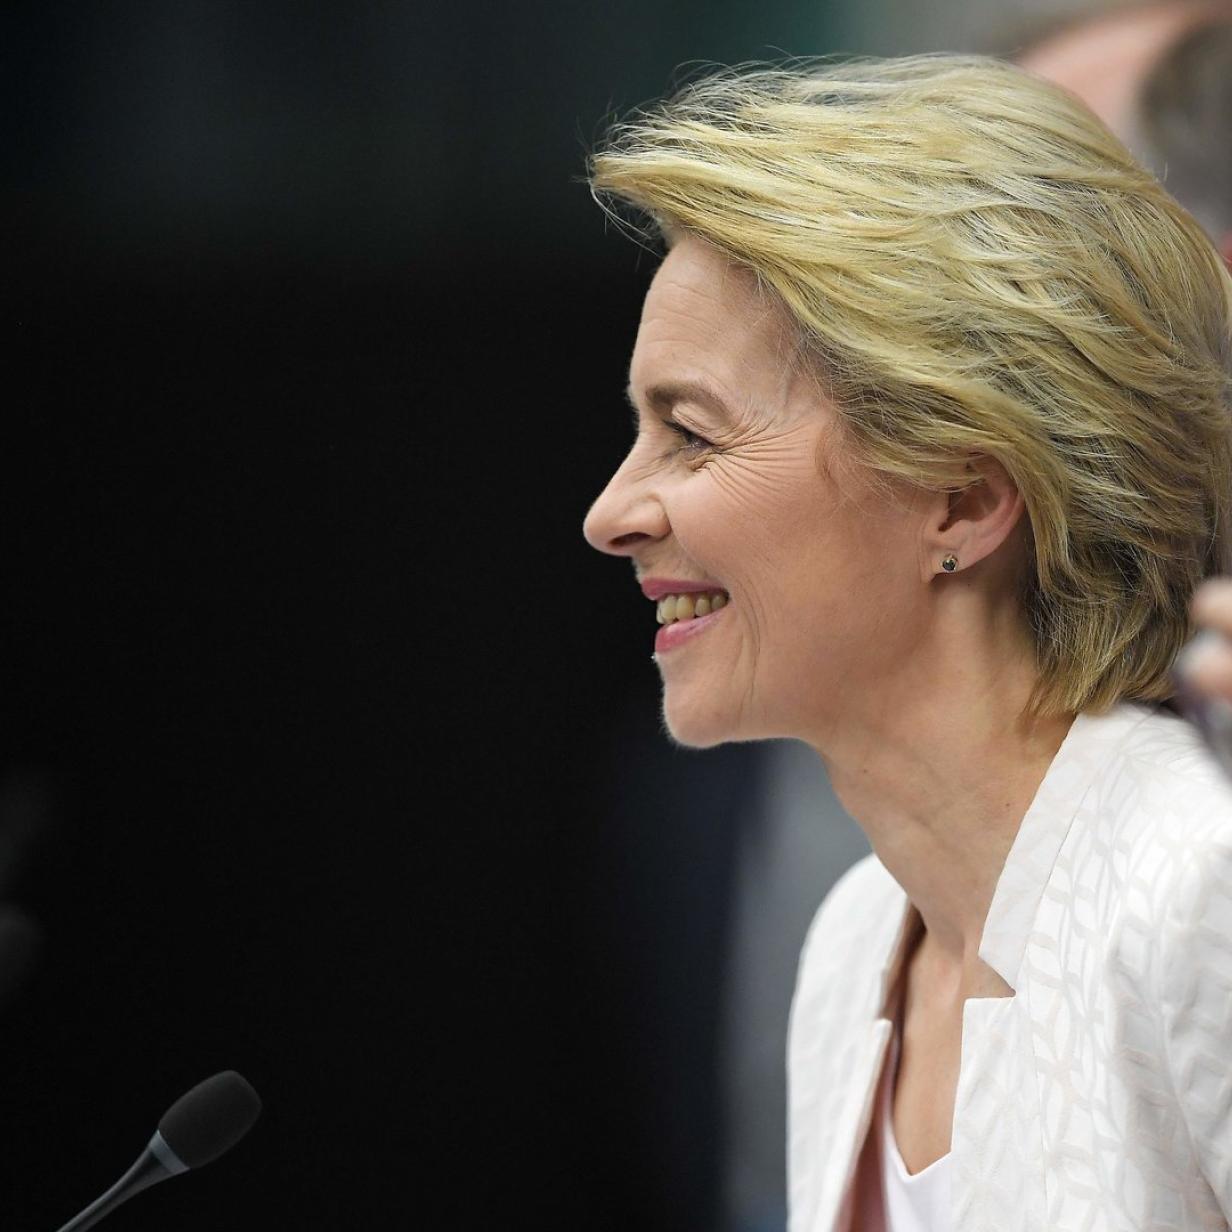 Dringend gesucht: Frauen für EU-Machtzirkel